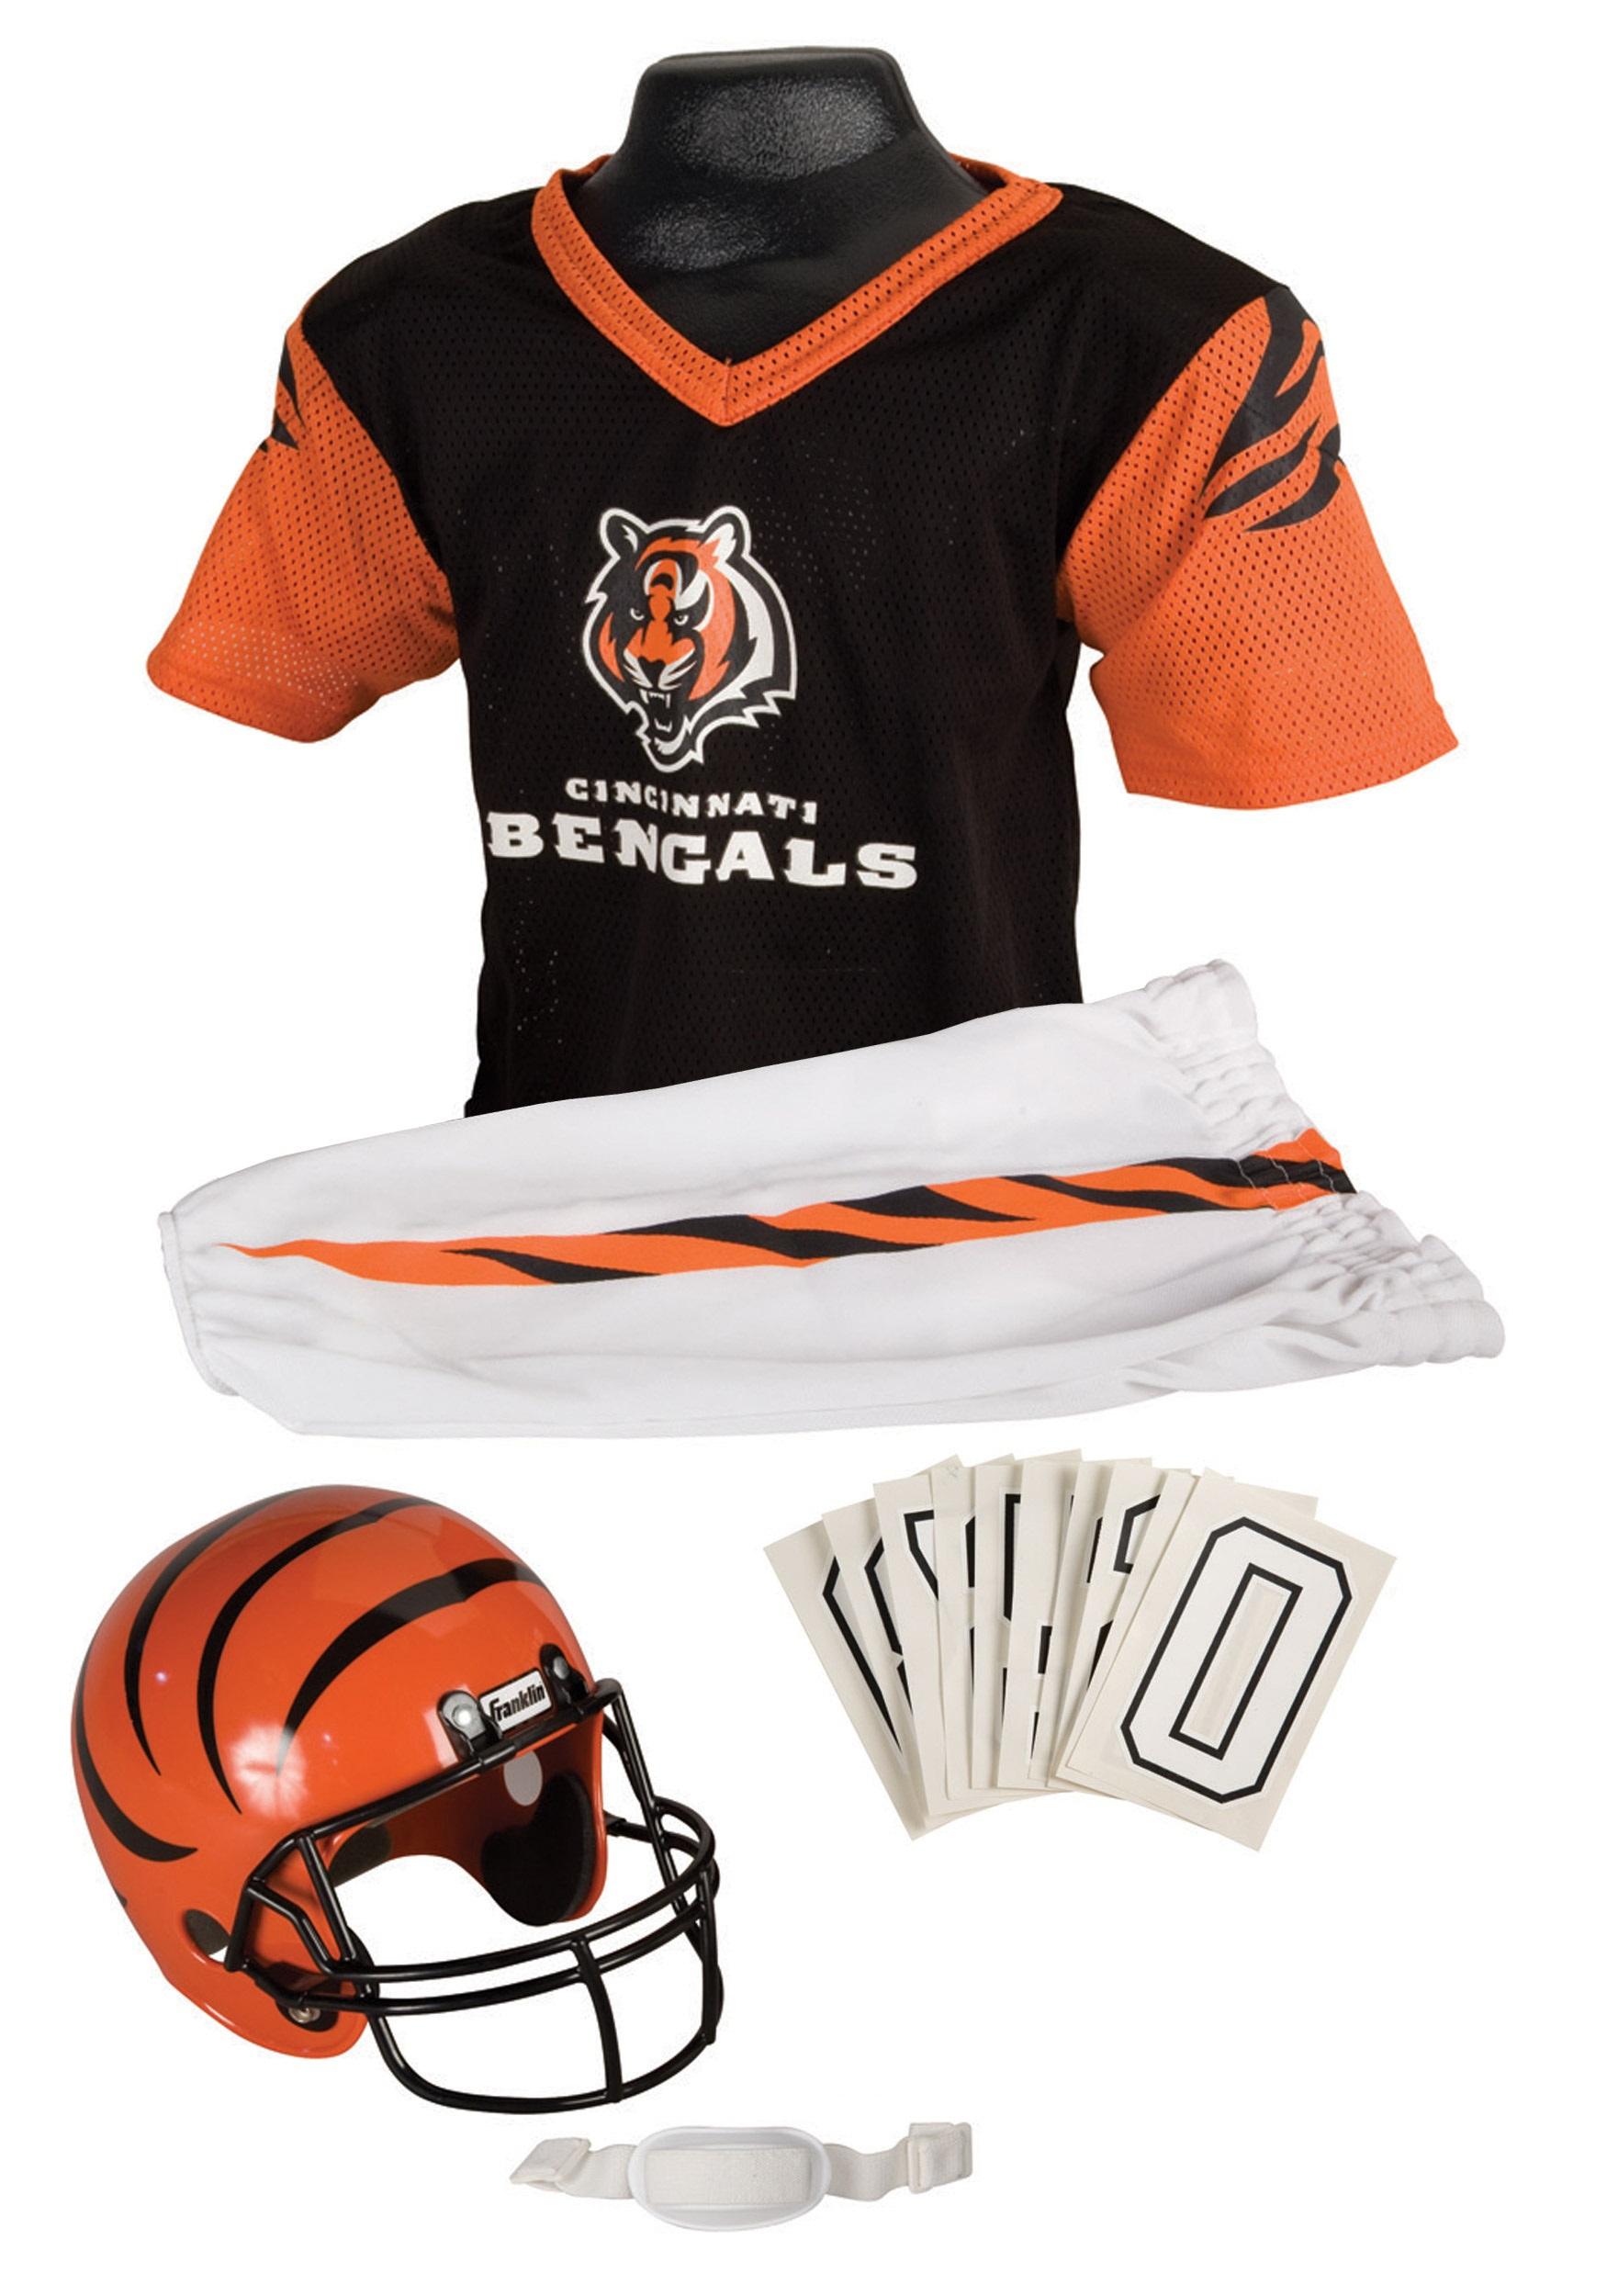 NFL Cincinnati Bengals Uniform Set FA15700F16